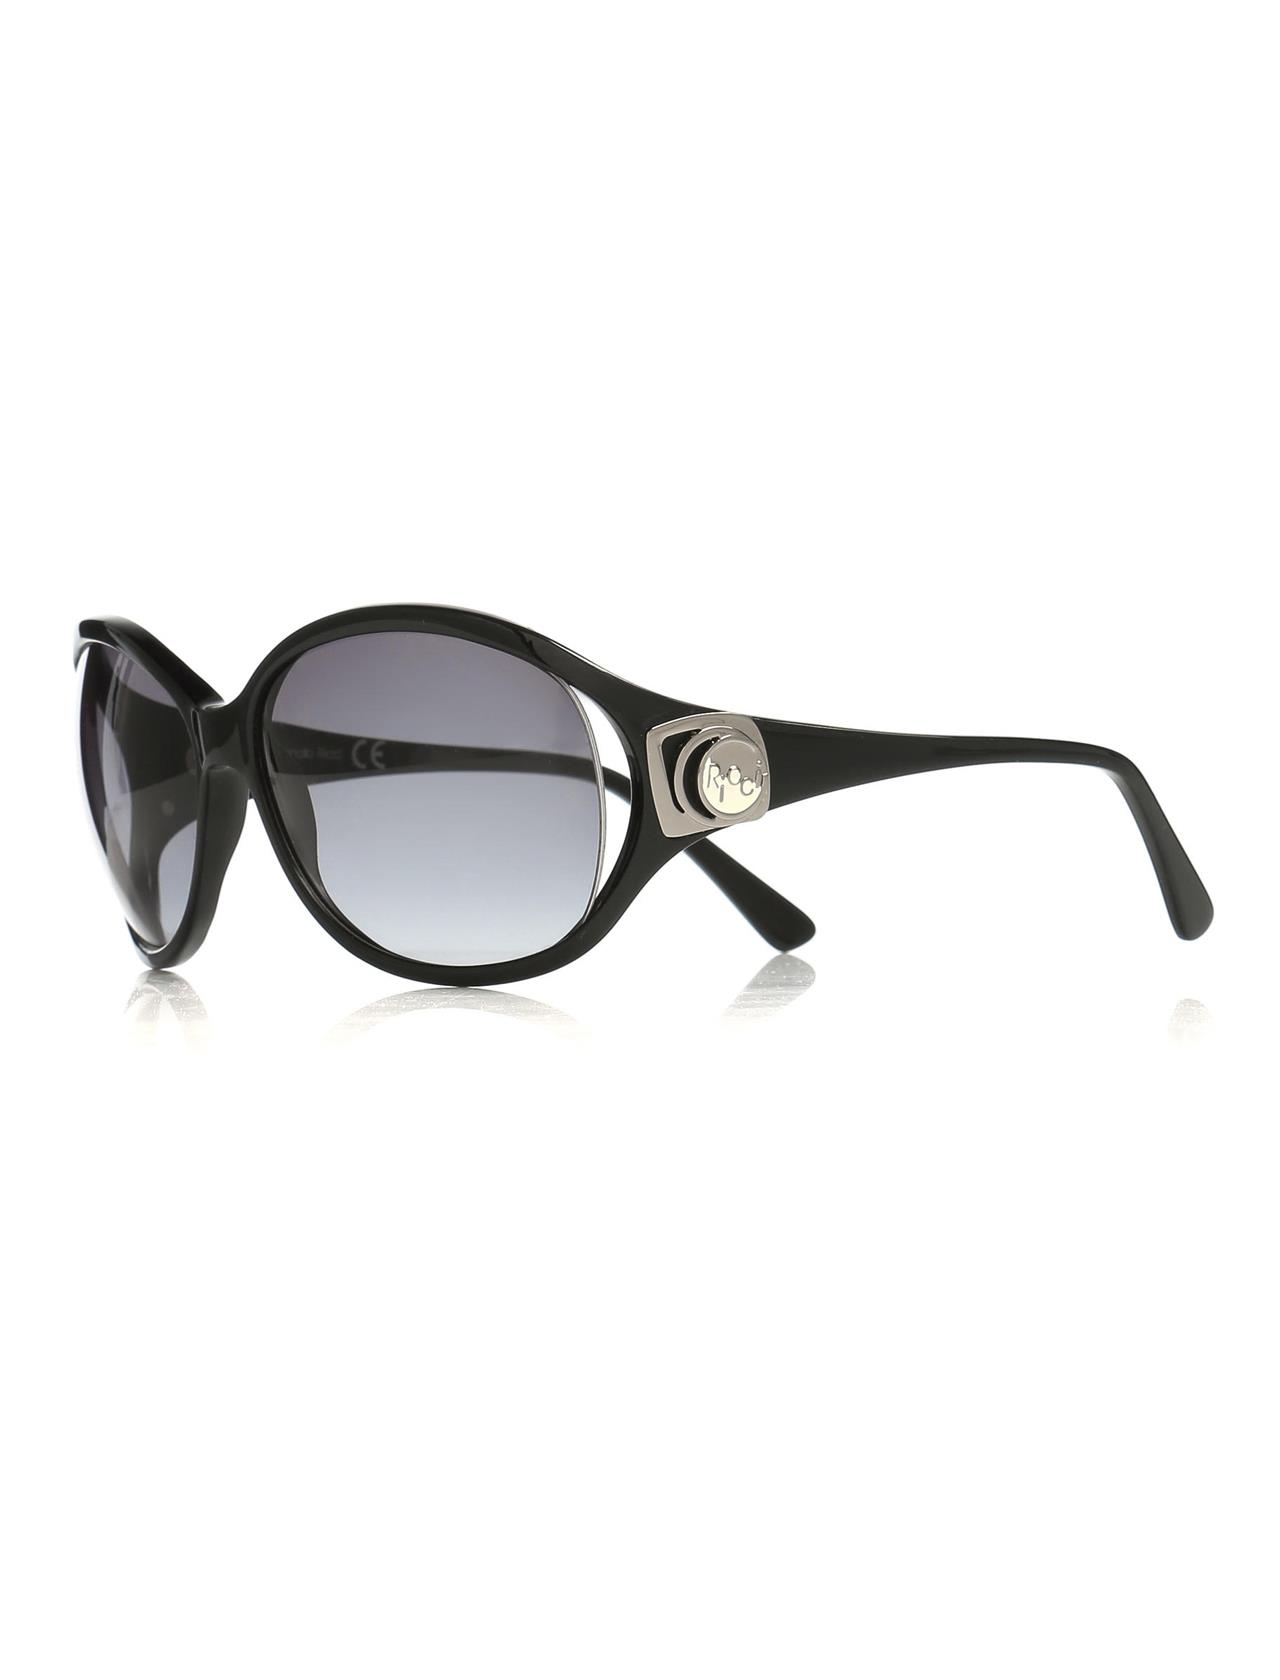 Women's sunglasses dr 1603 07 bone organic 52 -- donato ricci